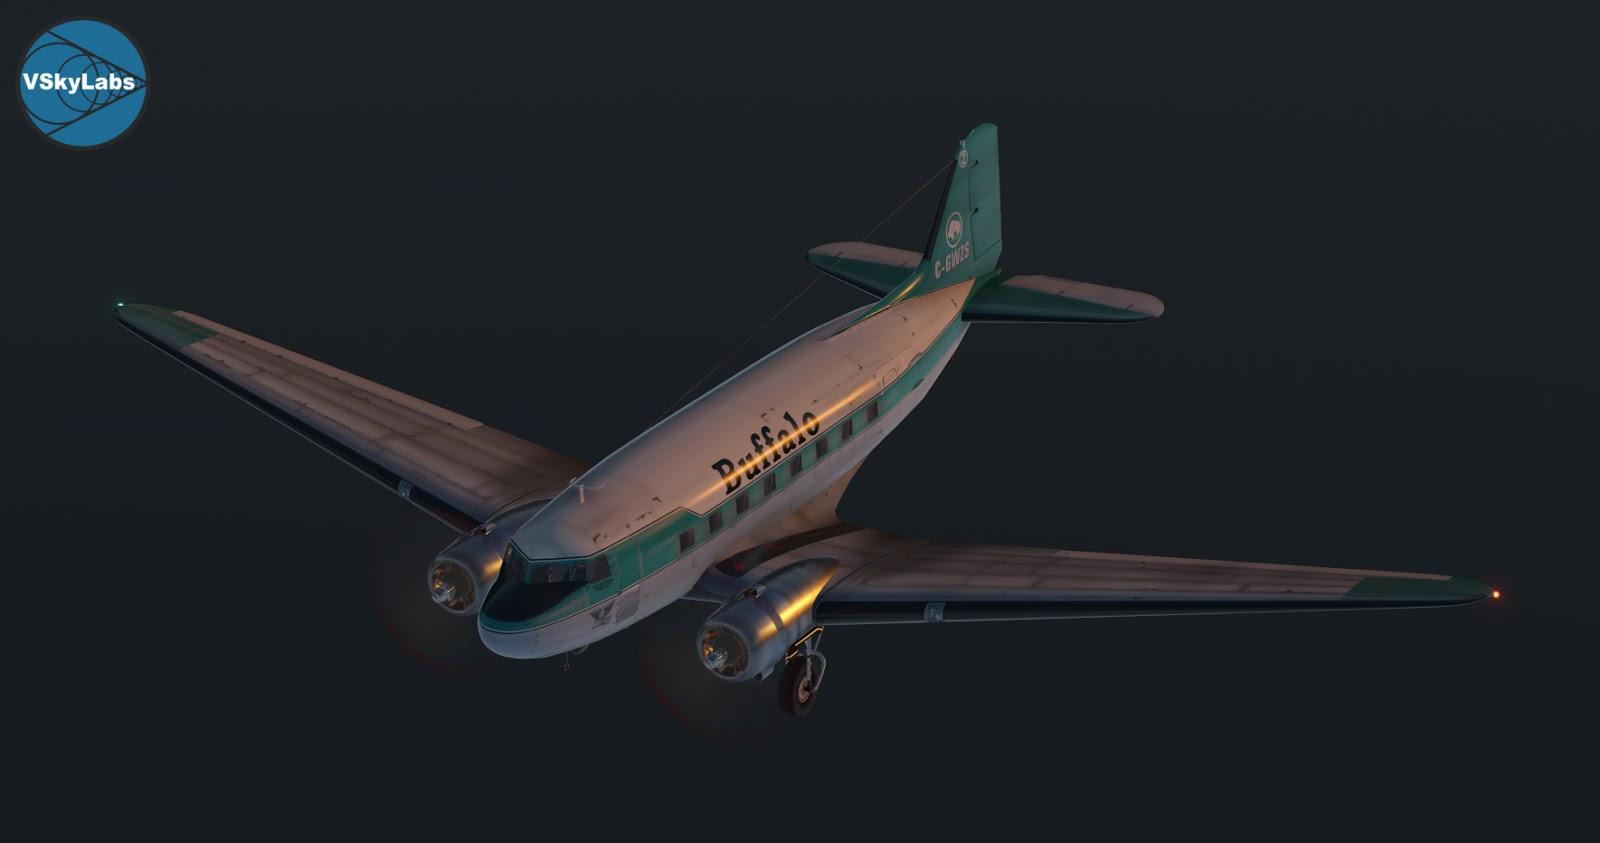 The VSKYLABS DC-3/C-47 Flying Lab Project